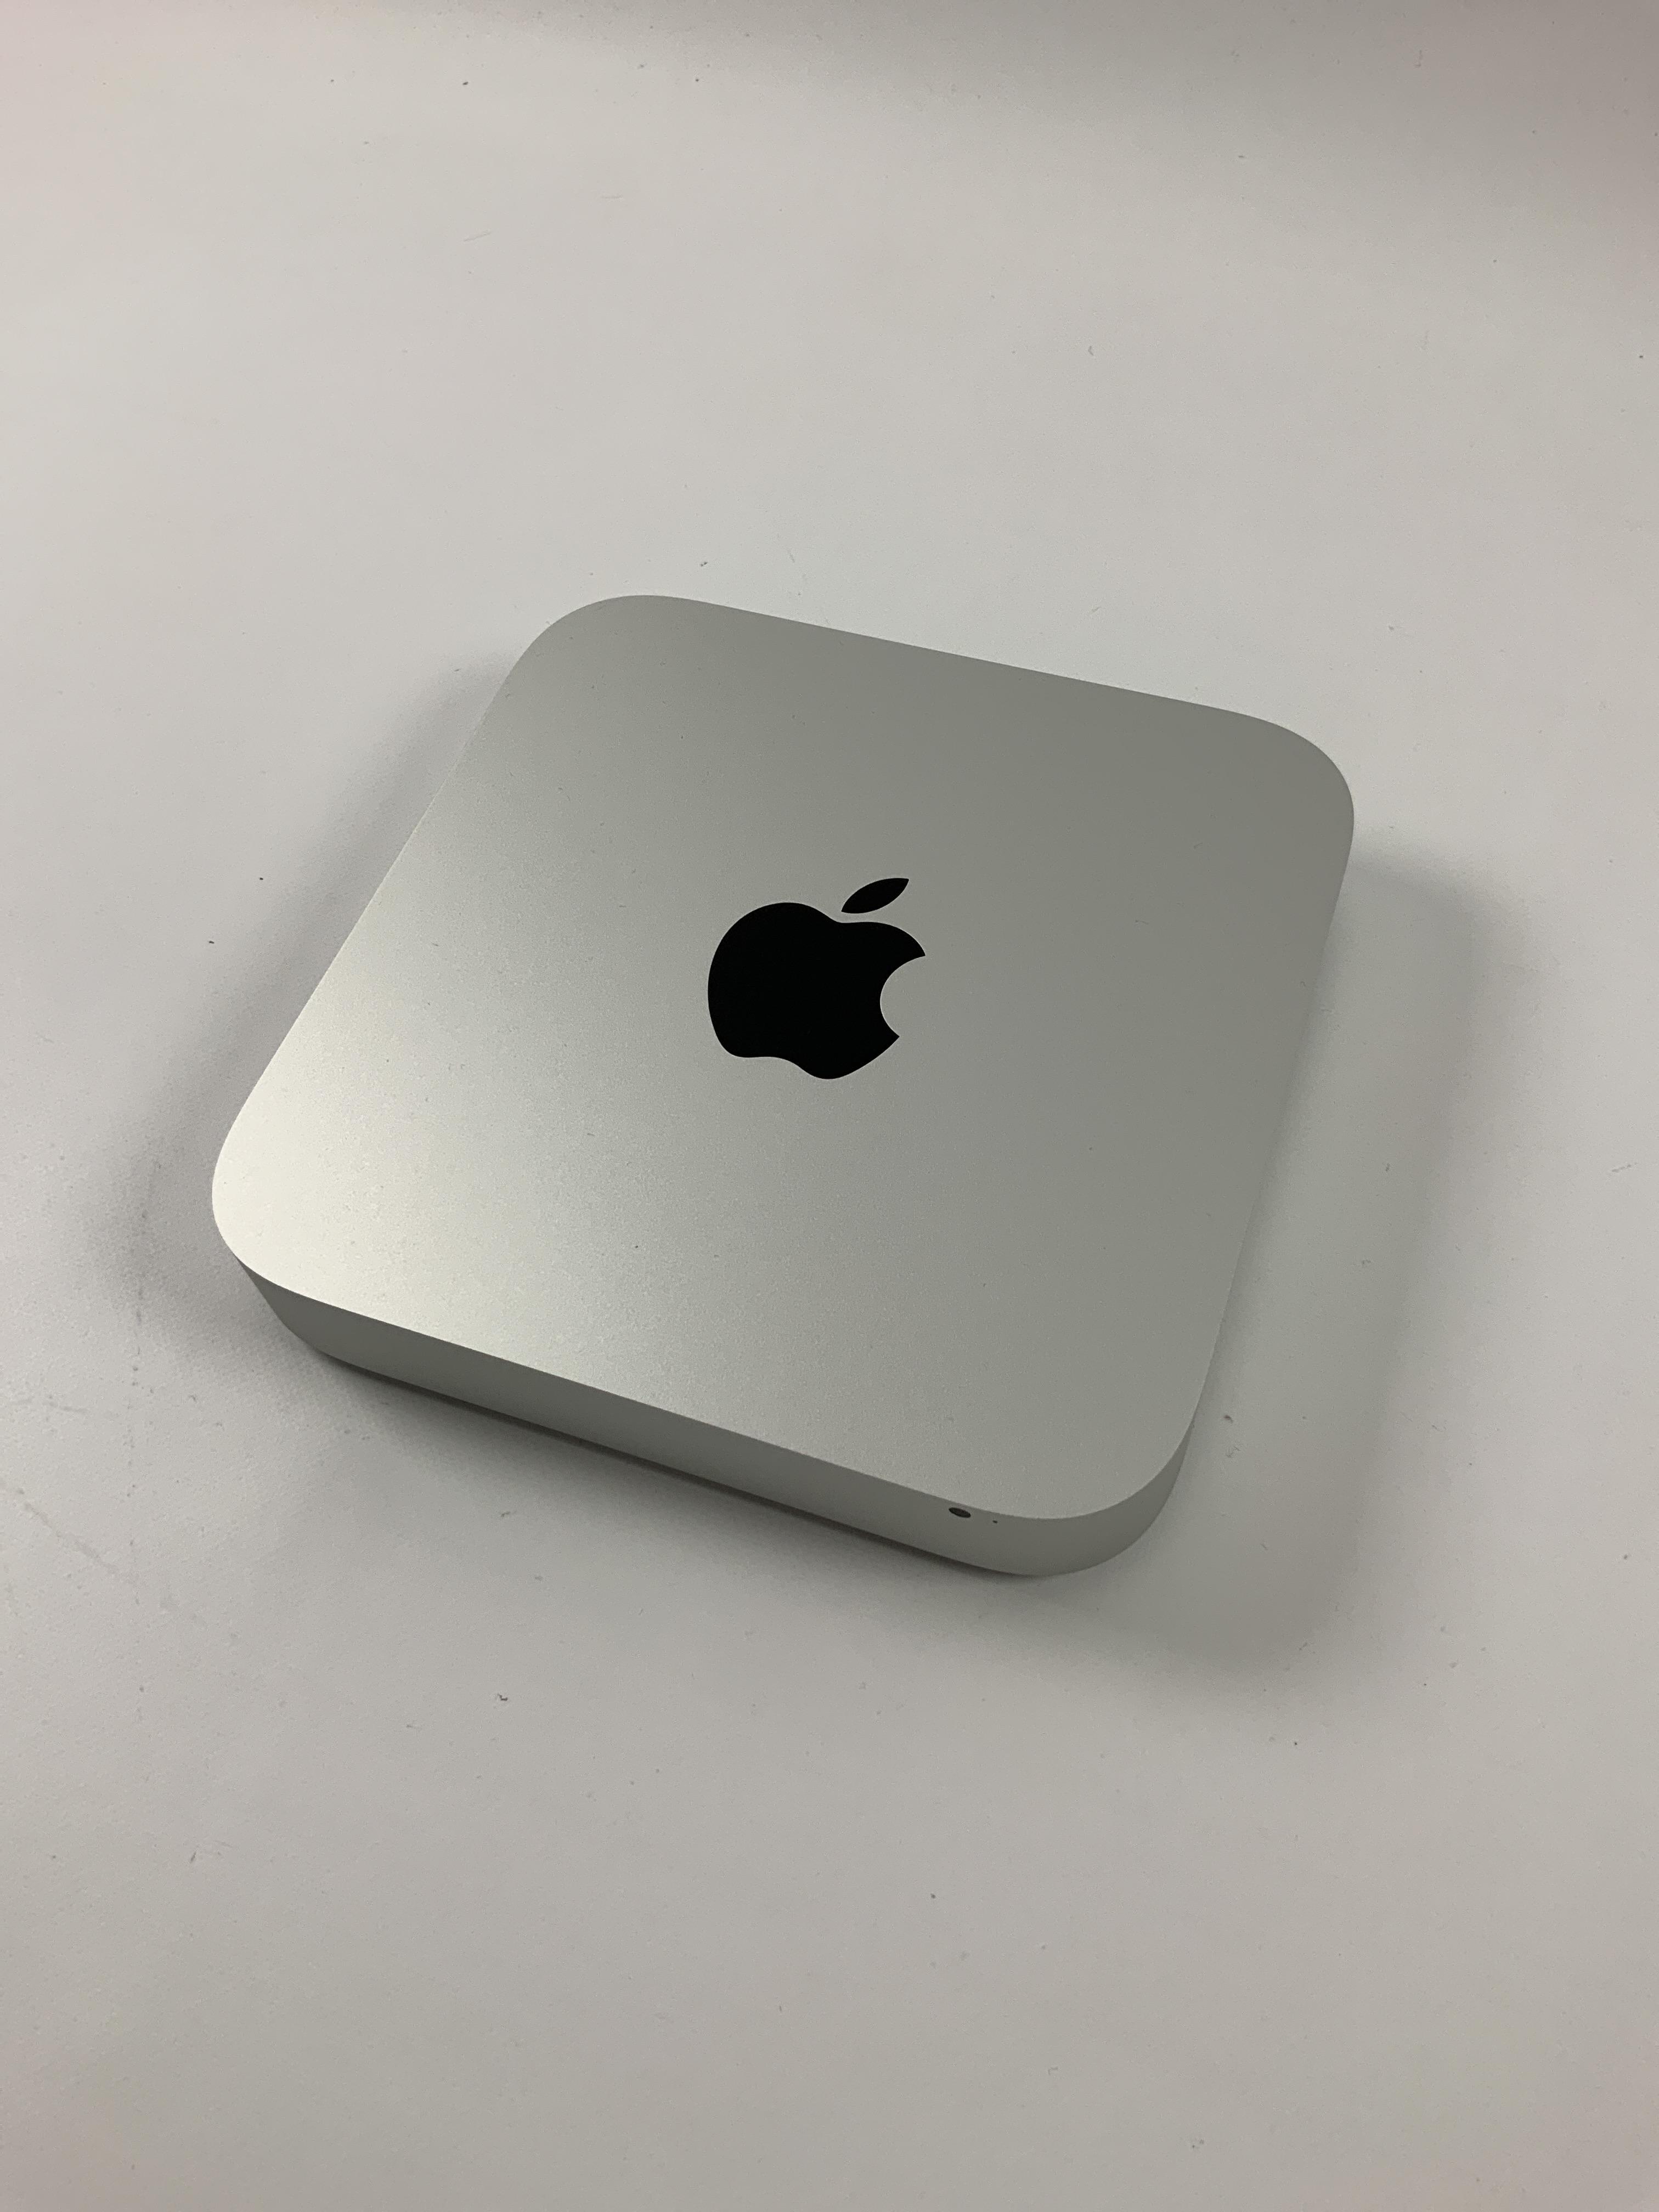 Mac Mini Late 2014 (Intel Core i7 3.0 GHz 16 GB RAM 1 TB SSD), Intel Core i7 3.0 GHz, 16 GB RAM, 1 TB SSD, Bild 1